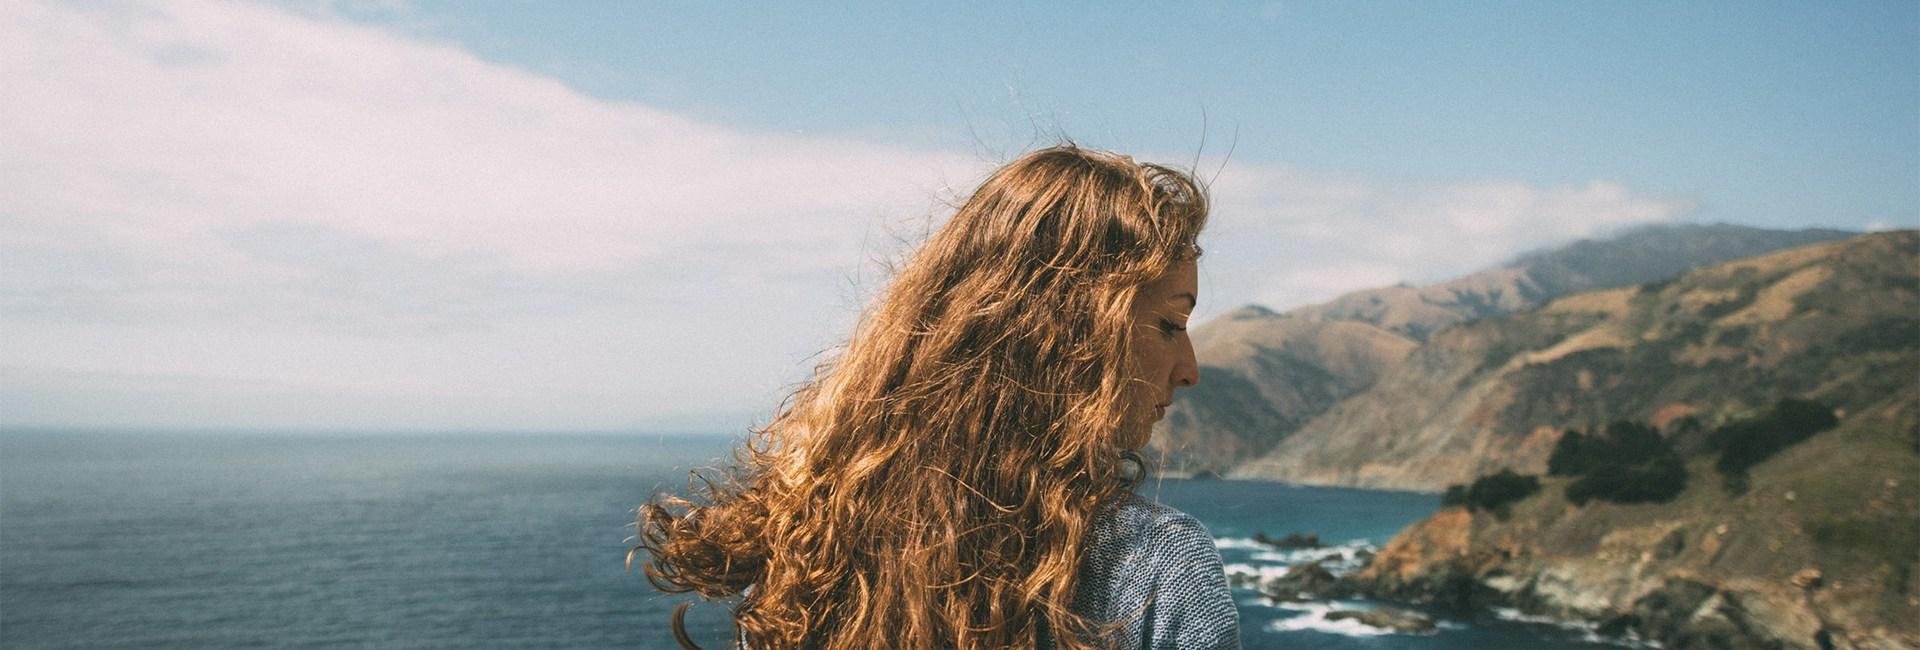 comment-reparer-des-dommages-thermiques-sur-les-cheveux